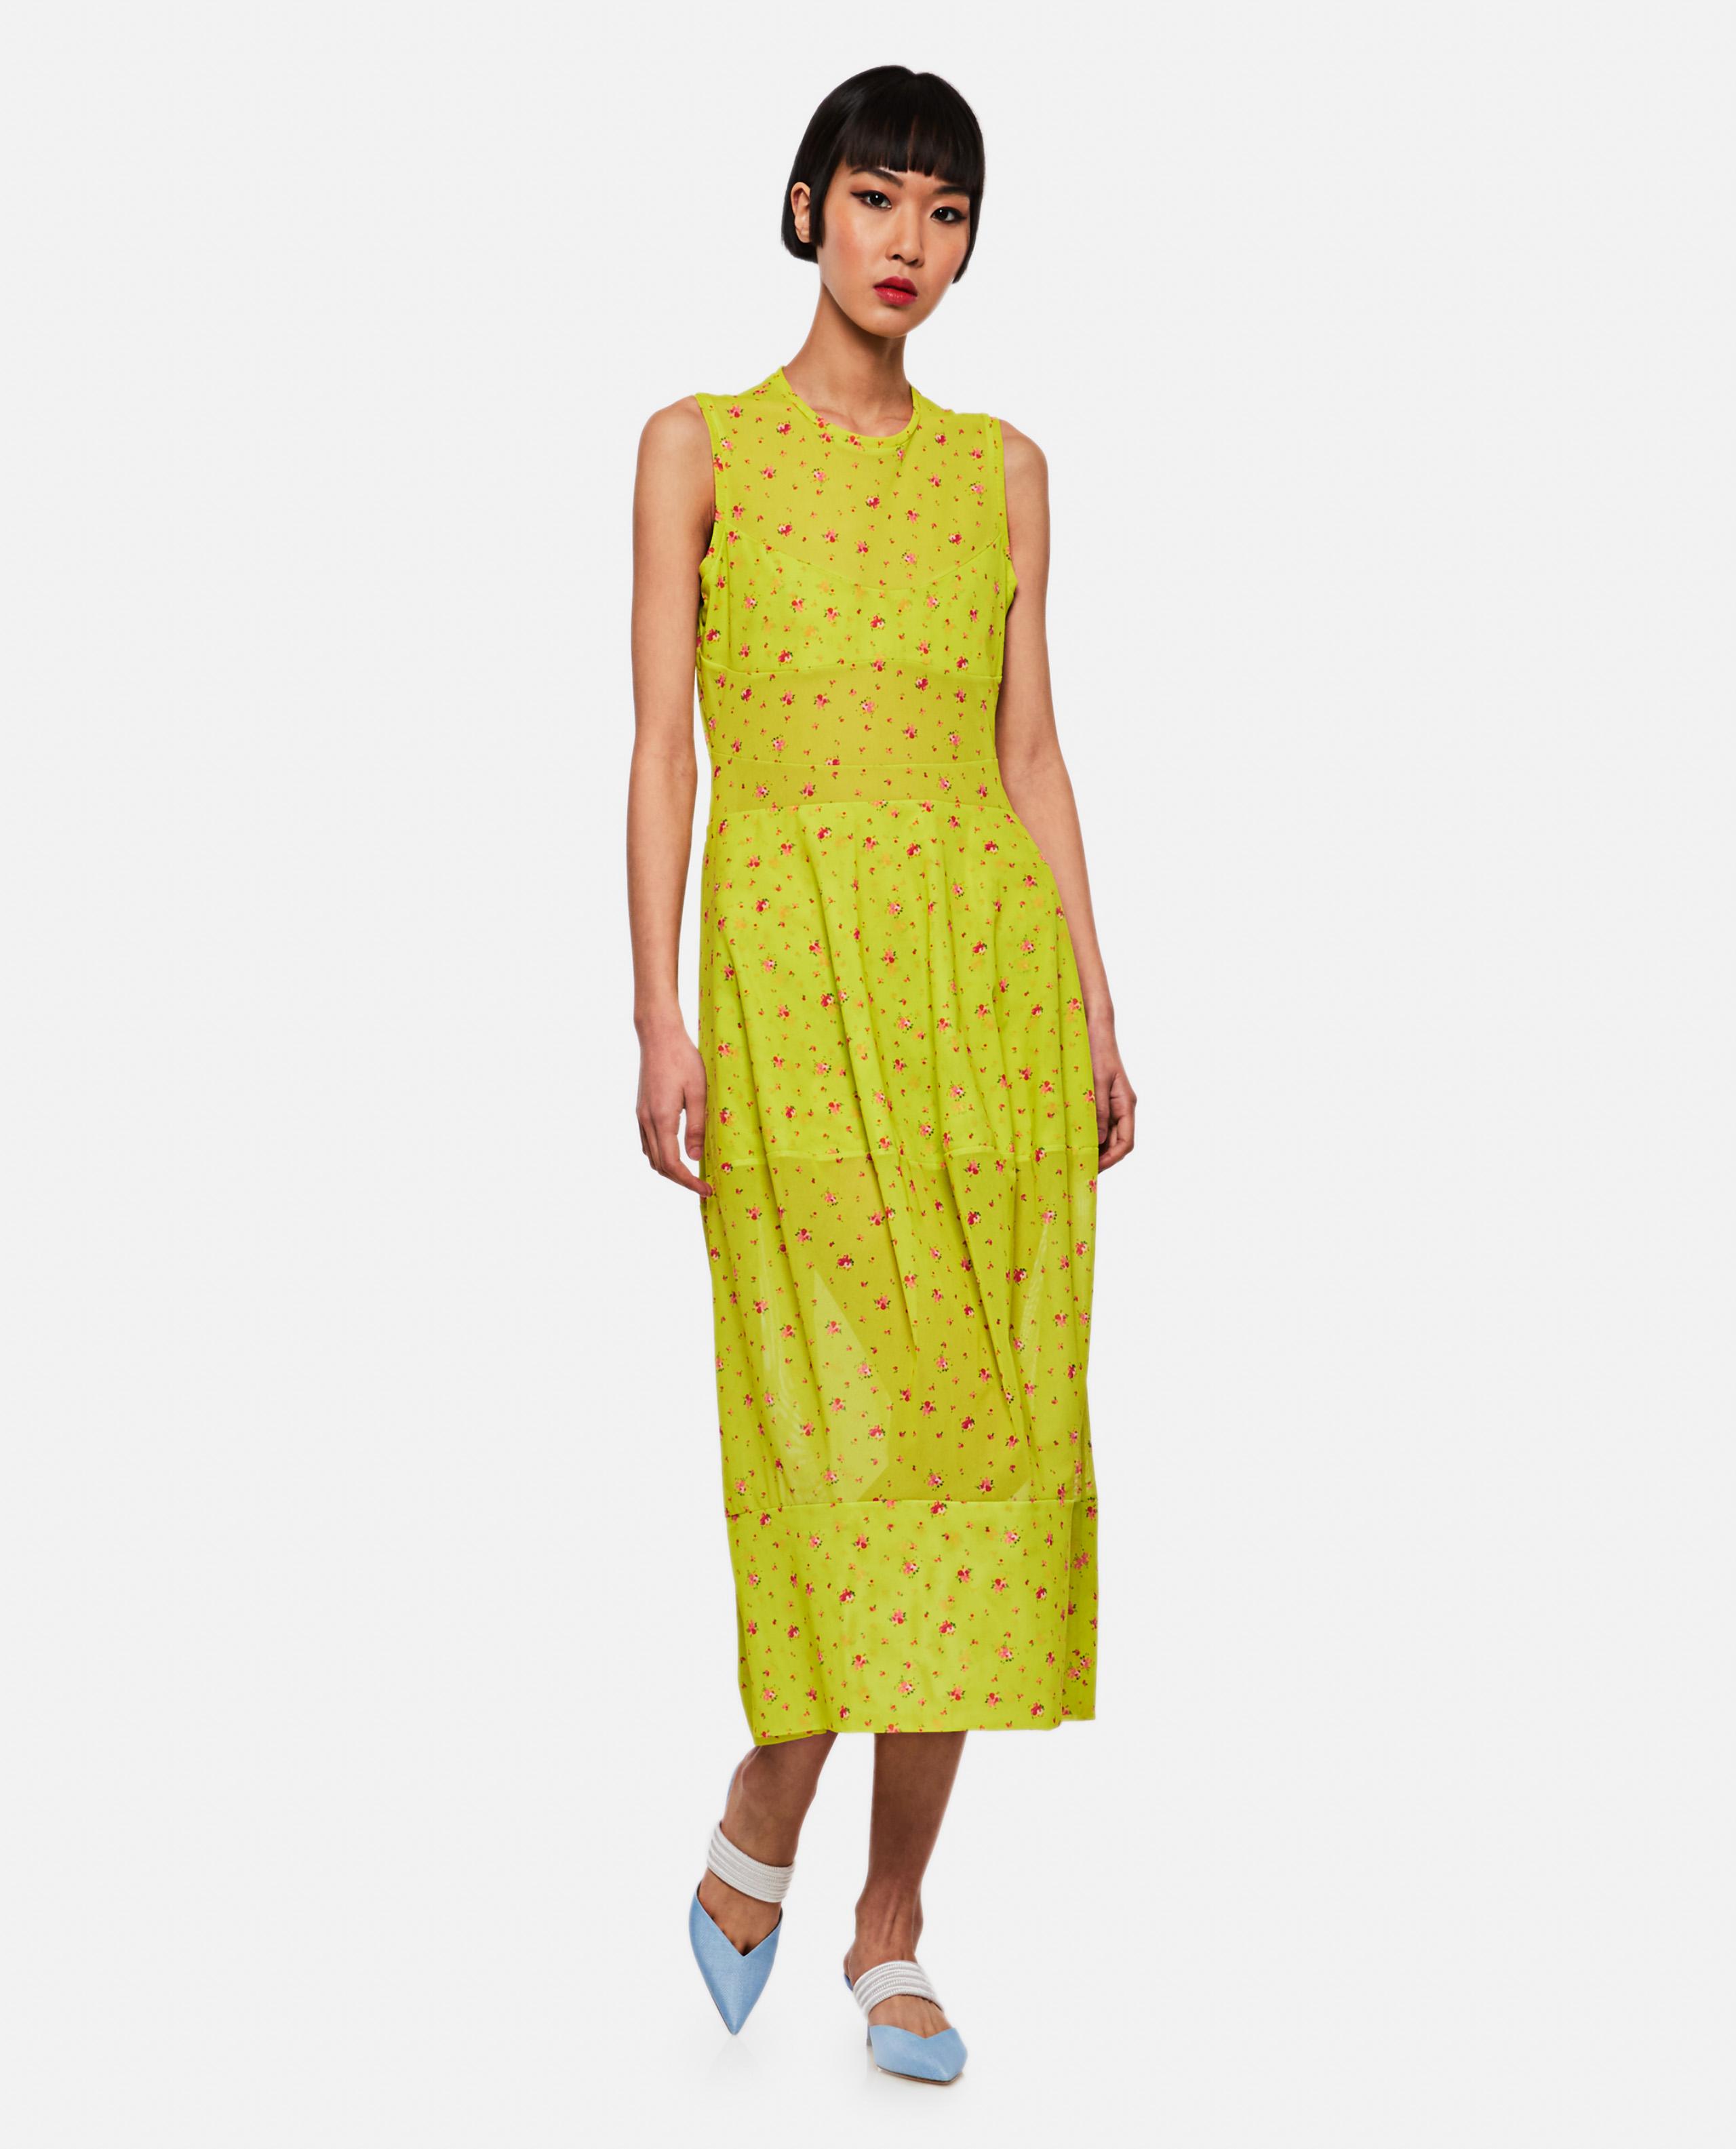 Long transparent fabric dress